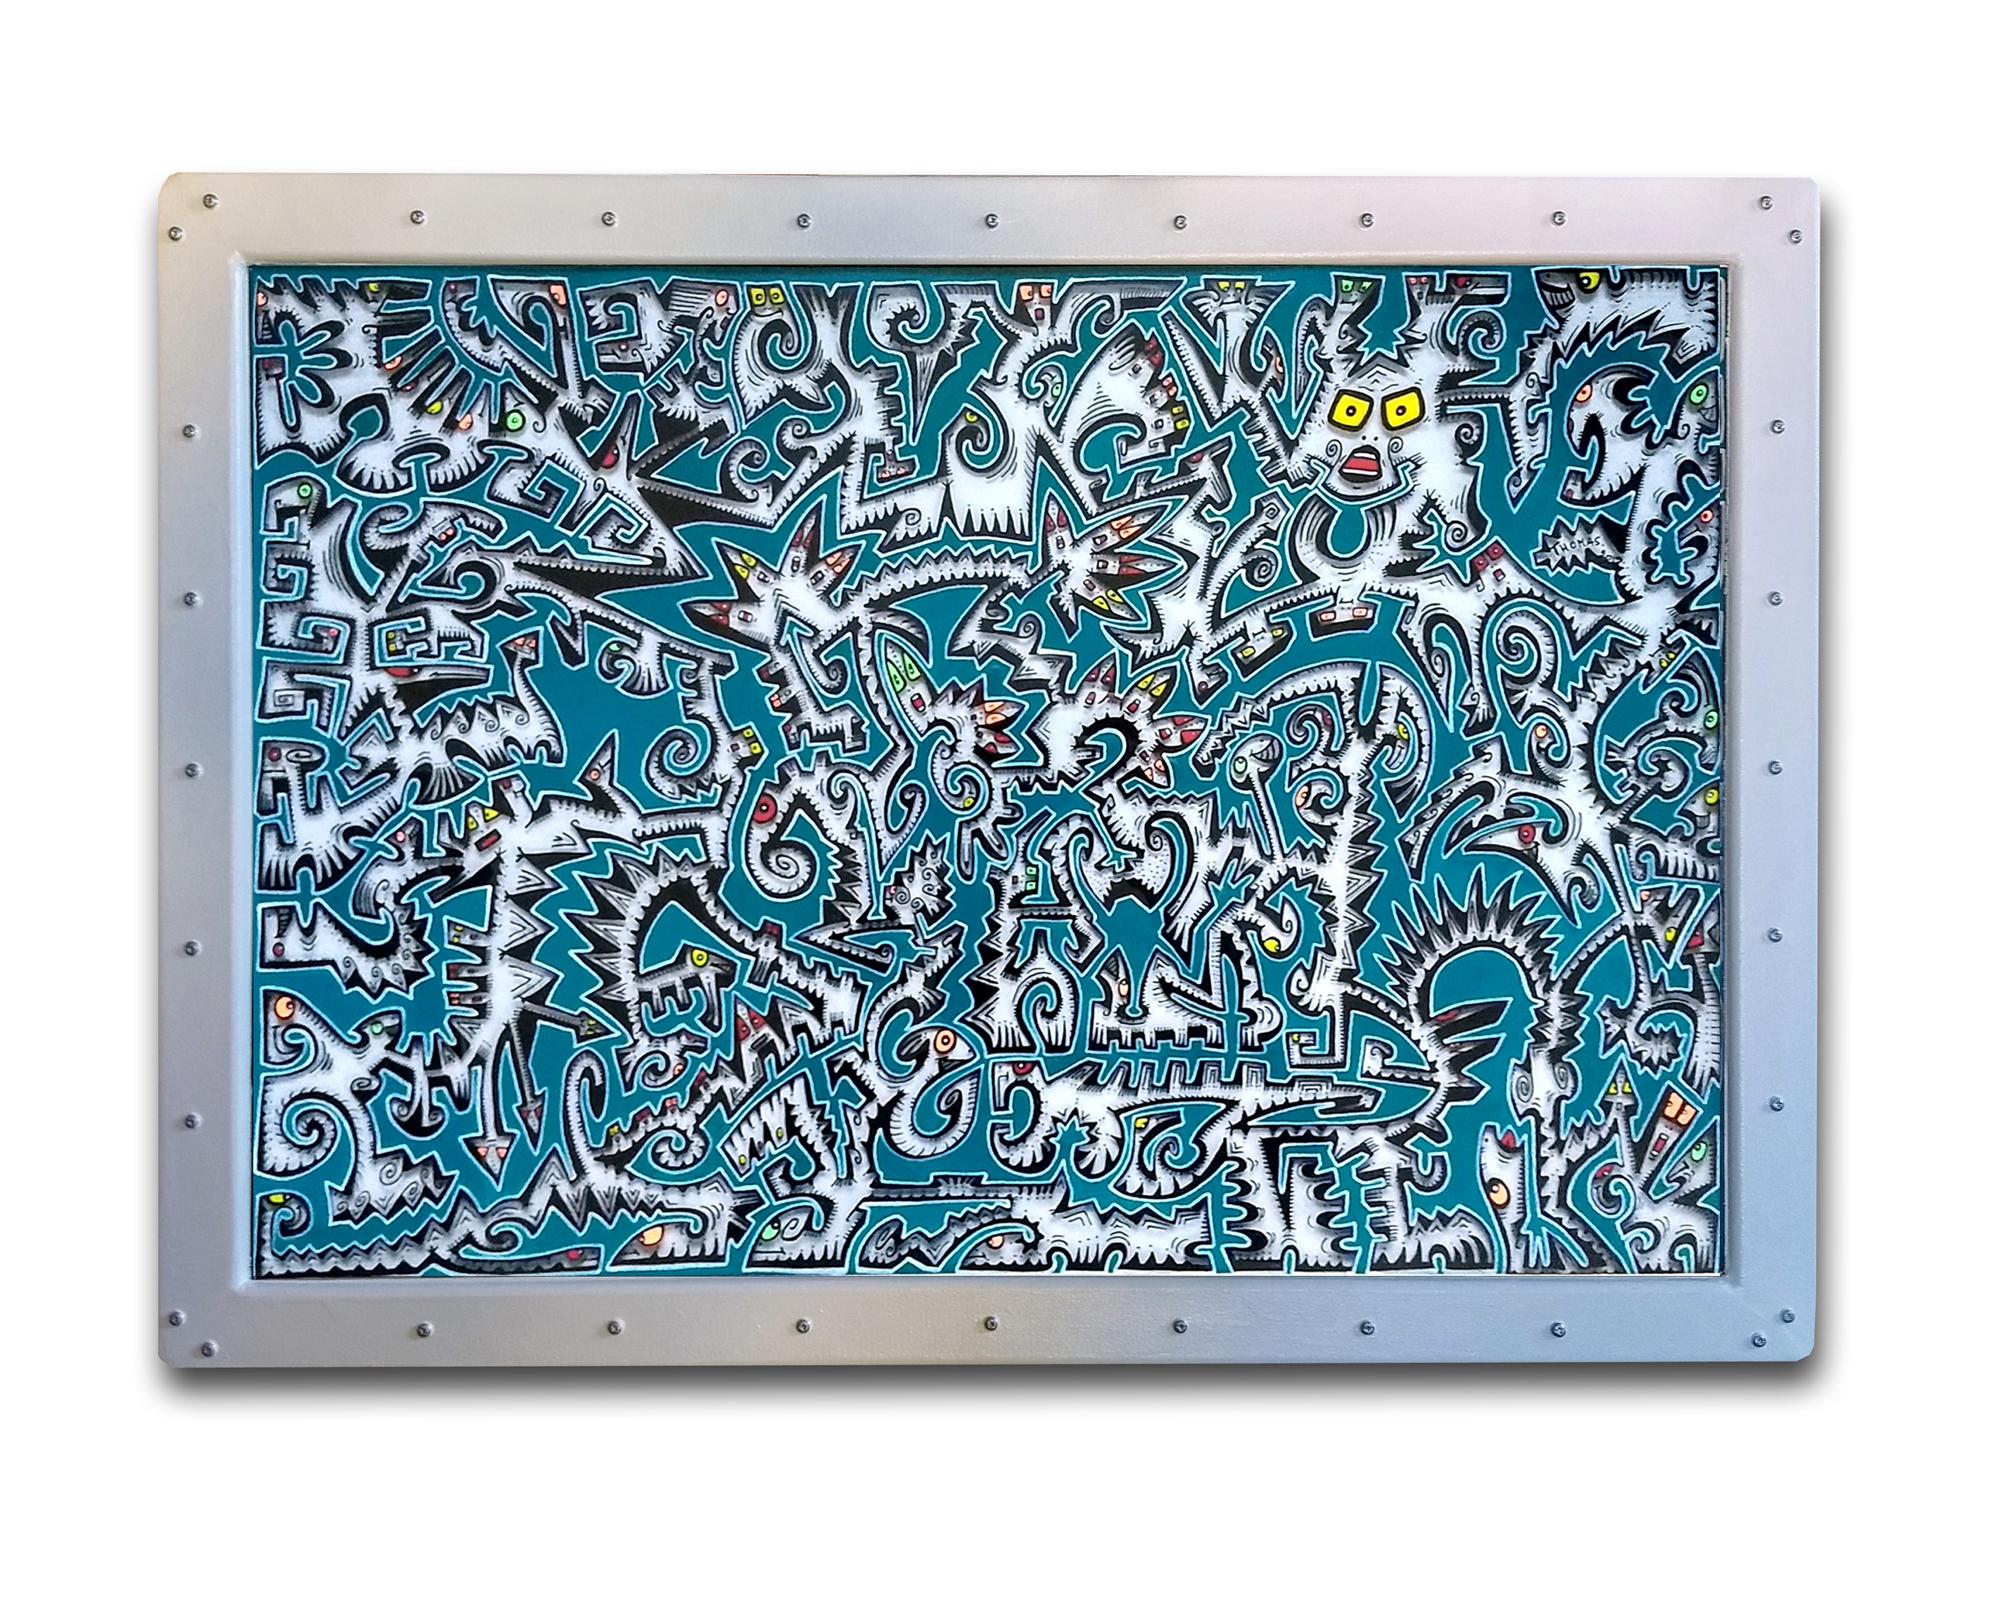 Titre : GT1 /feutres acrylique sur pvc transparent/ cadre bois blanc satin/ format avec cadre : 50/70 cm/ prix: 100 euros